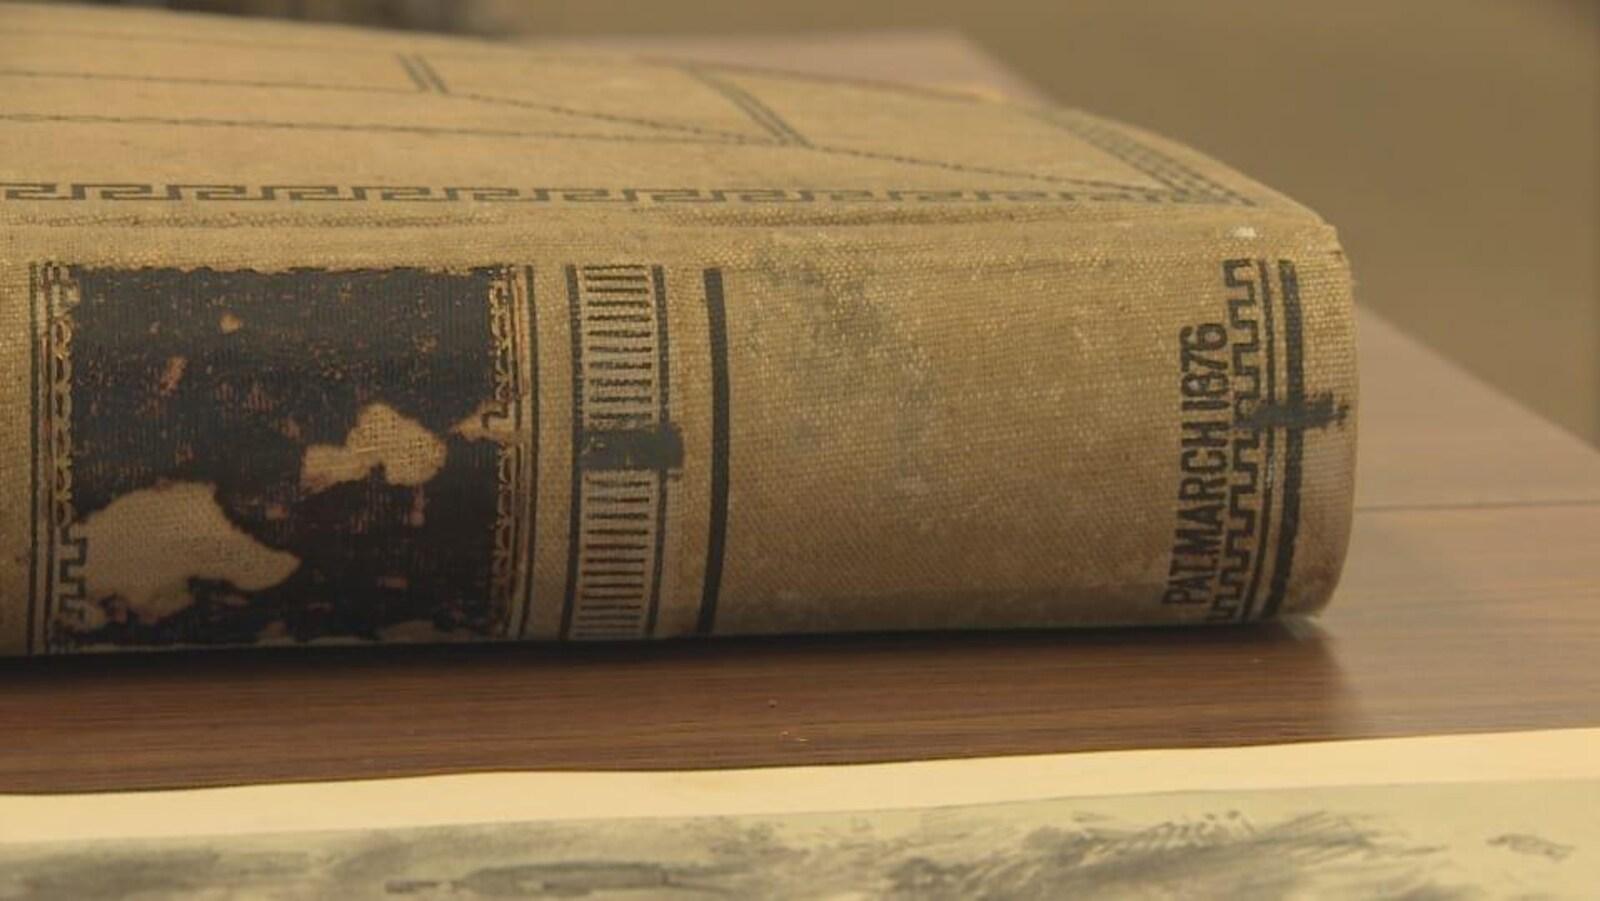 Un livre ancien sur une table en bois.